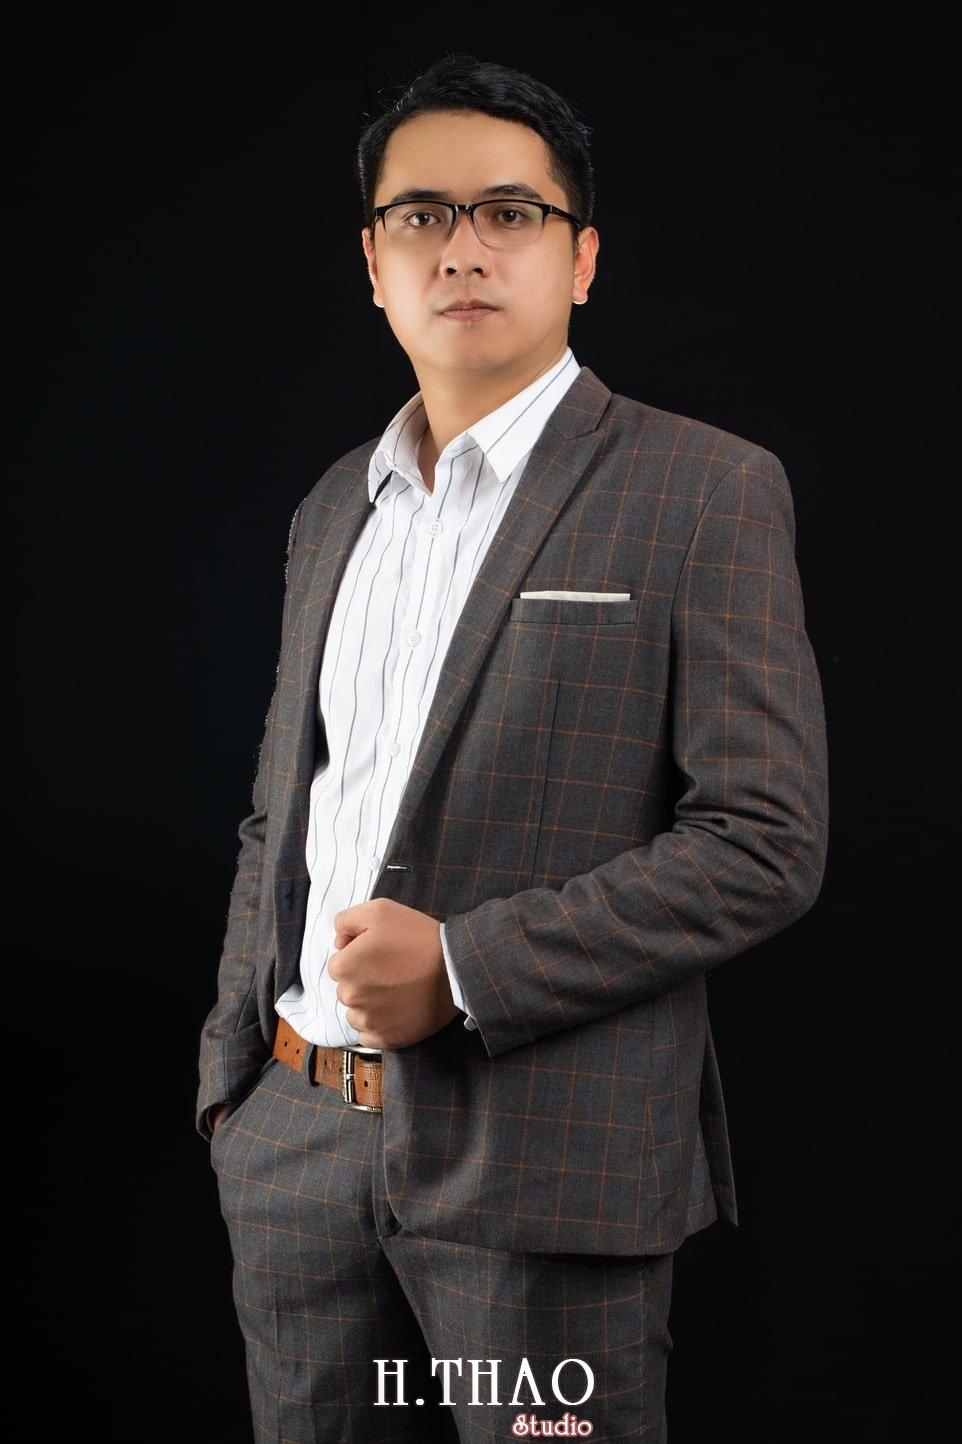 Anh Doanh nhan 44 - Tổng hợp album ảnh profile bác sĩ, luật sư, tài chính – HThao Studio